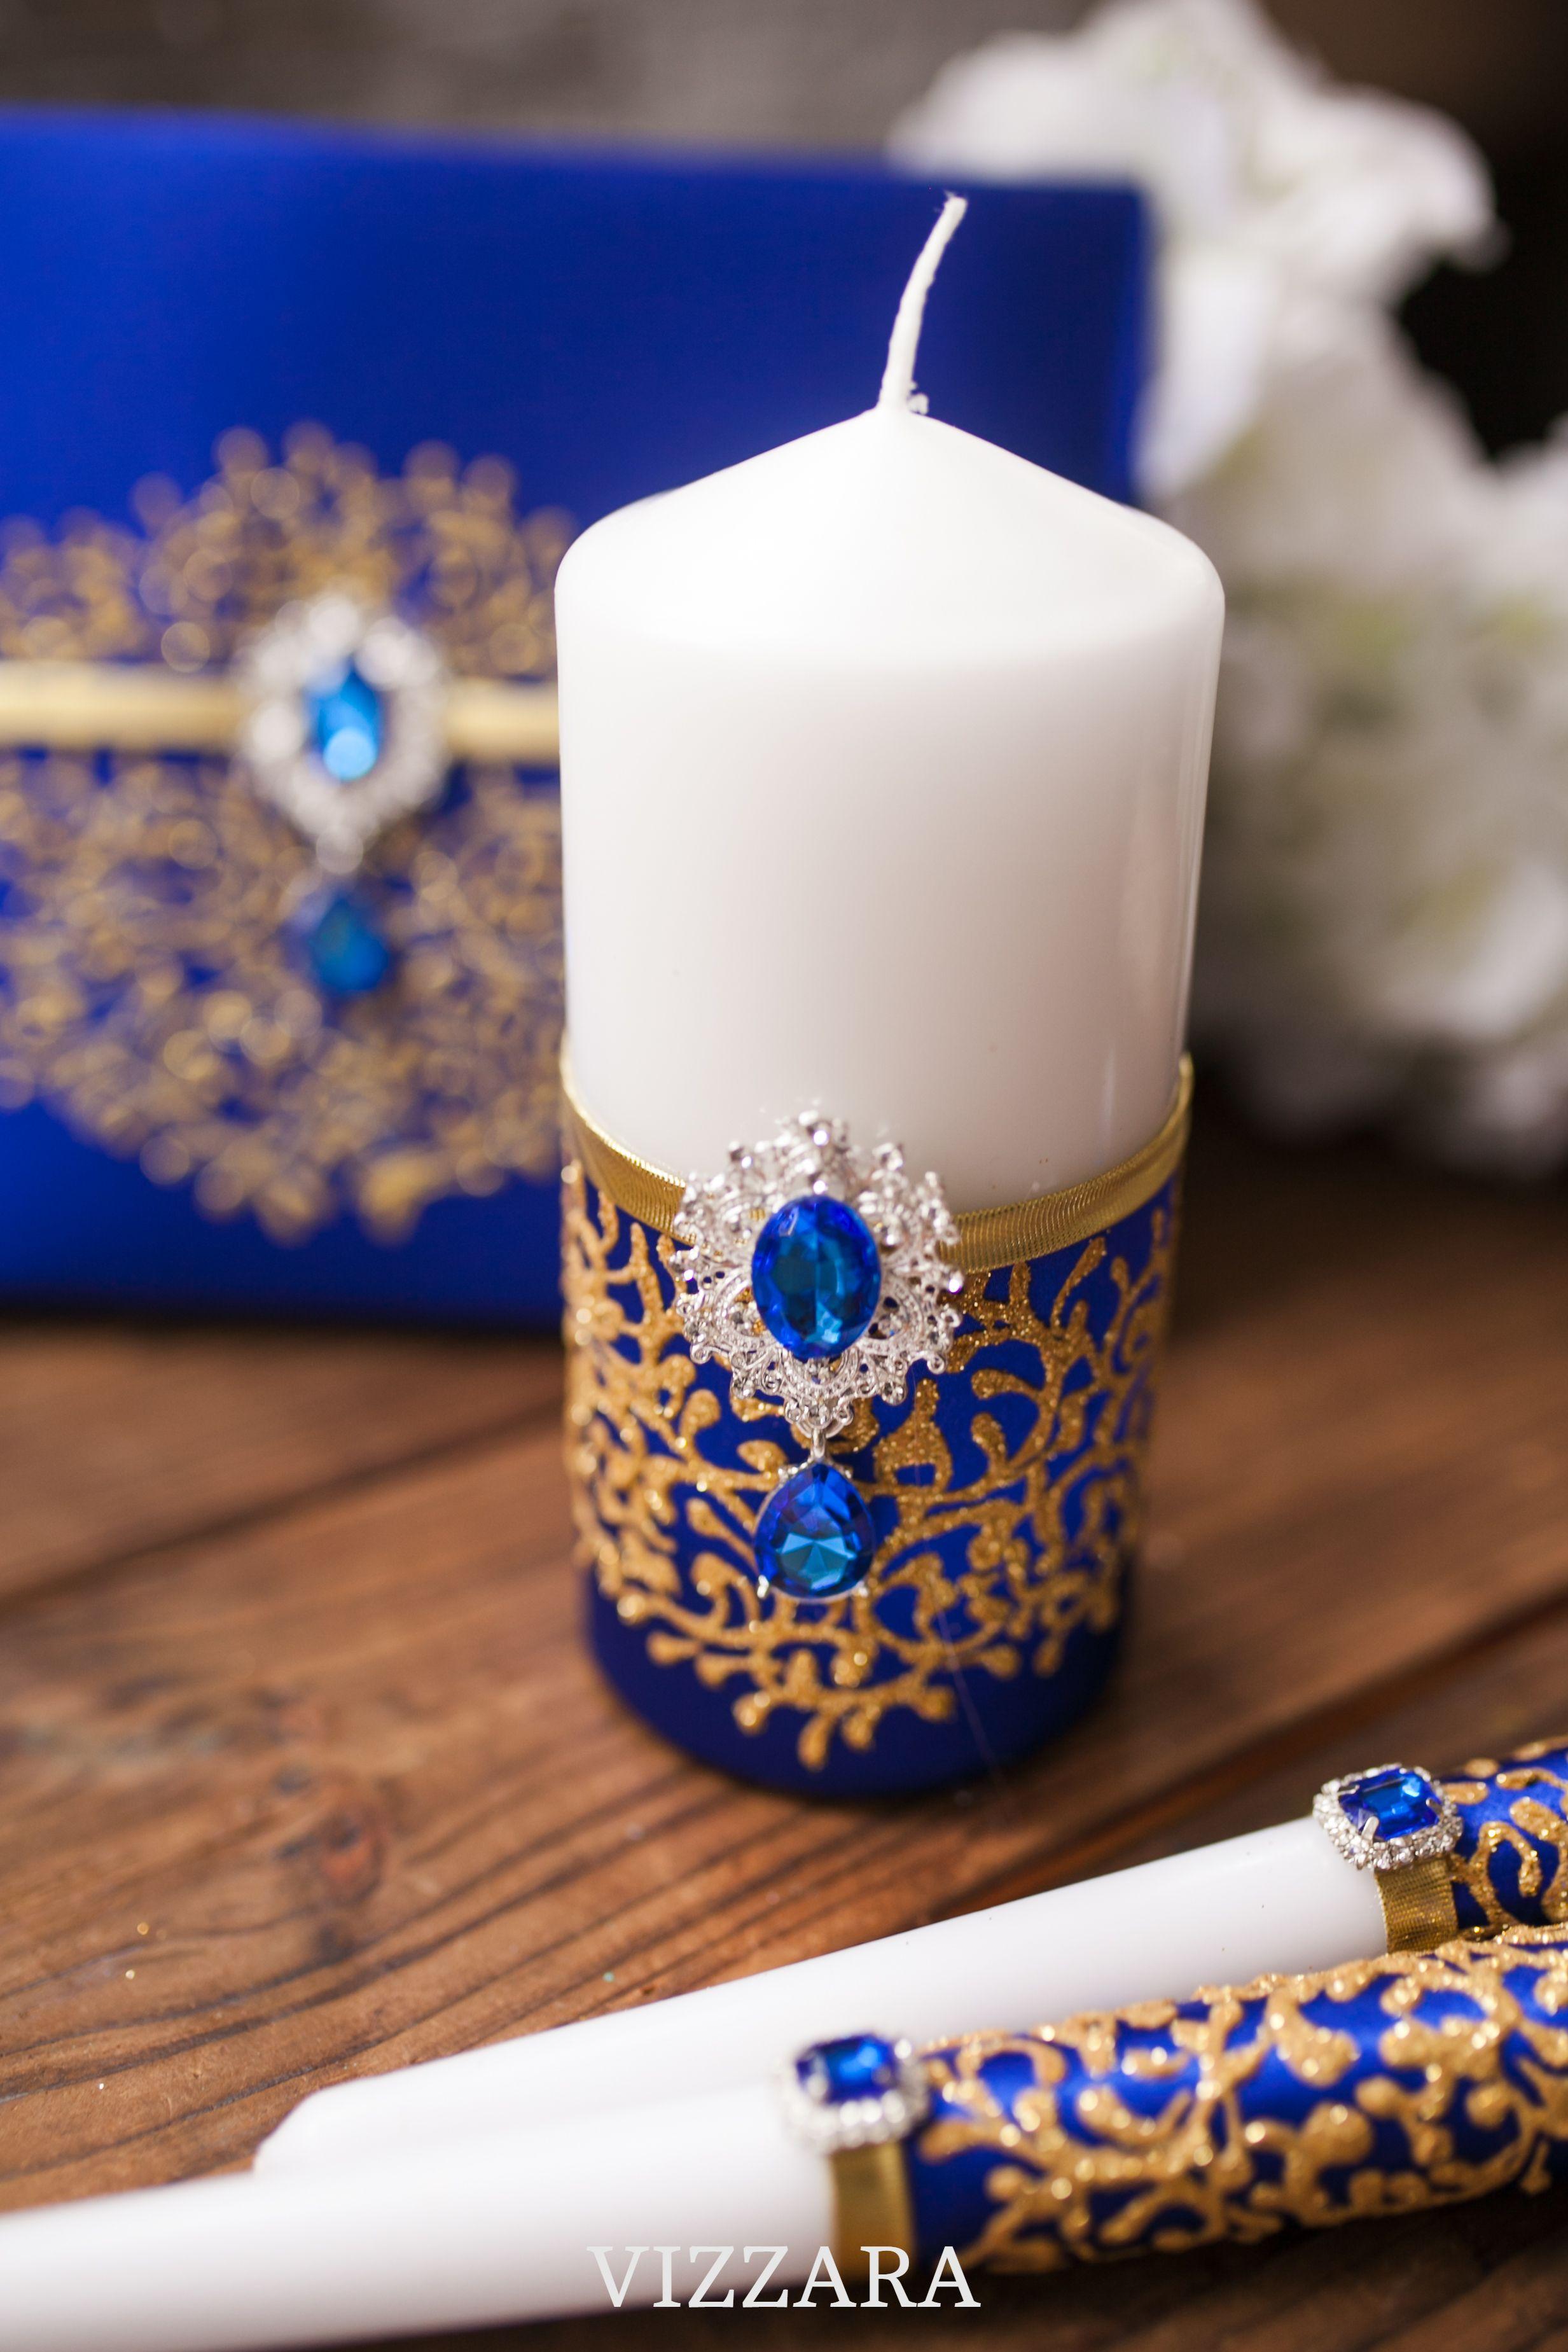 Unity candle sets Royal blue wedding Personalized unity candle Royal blue weddings Unity candles wedding Royal blue wedding color Royal blue